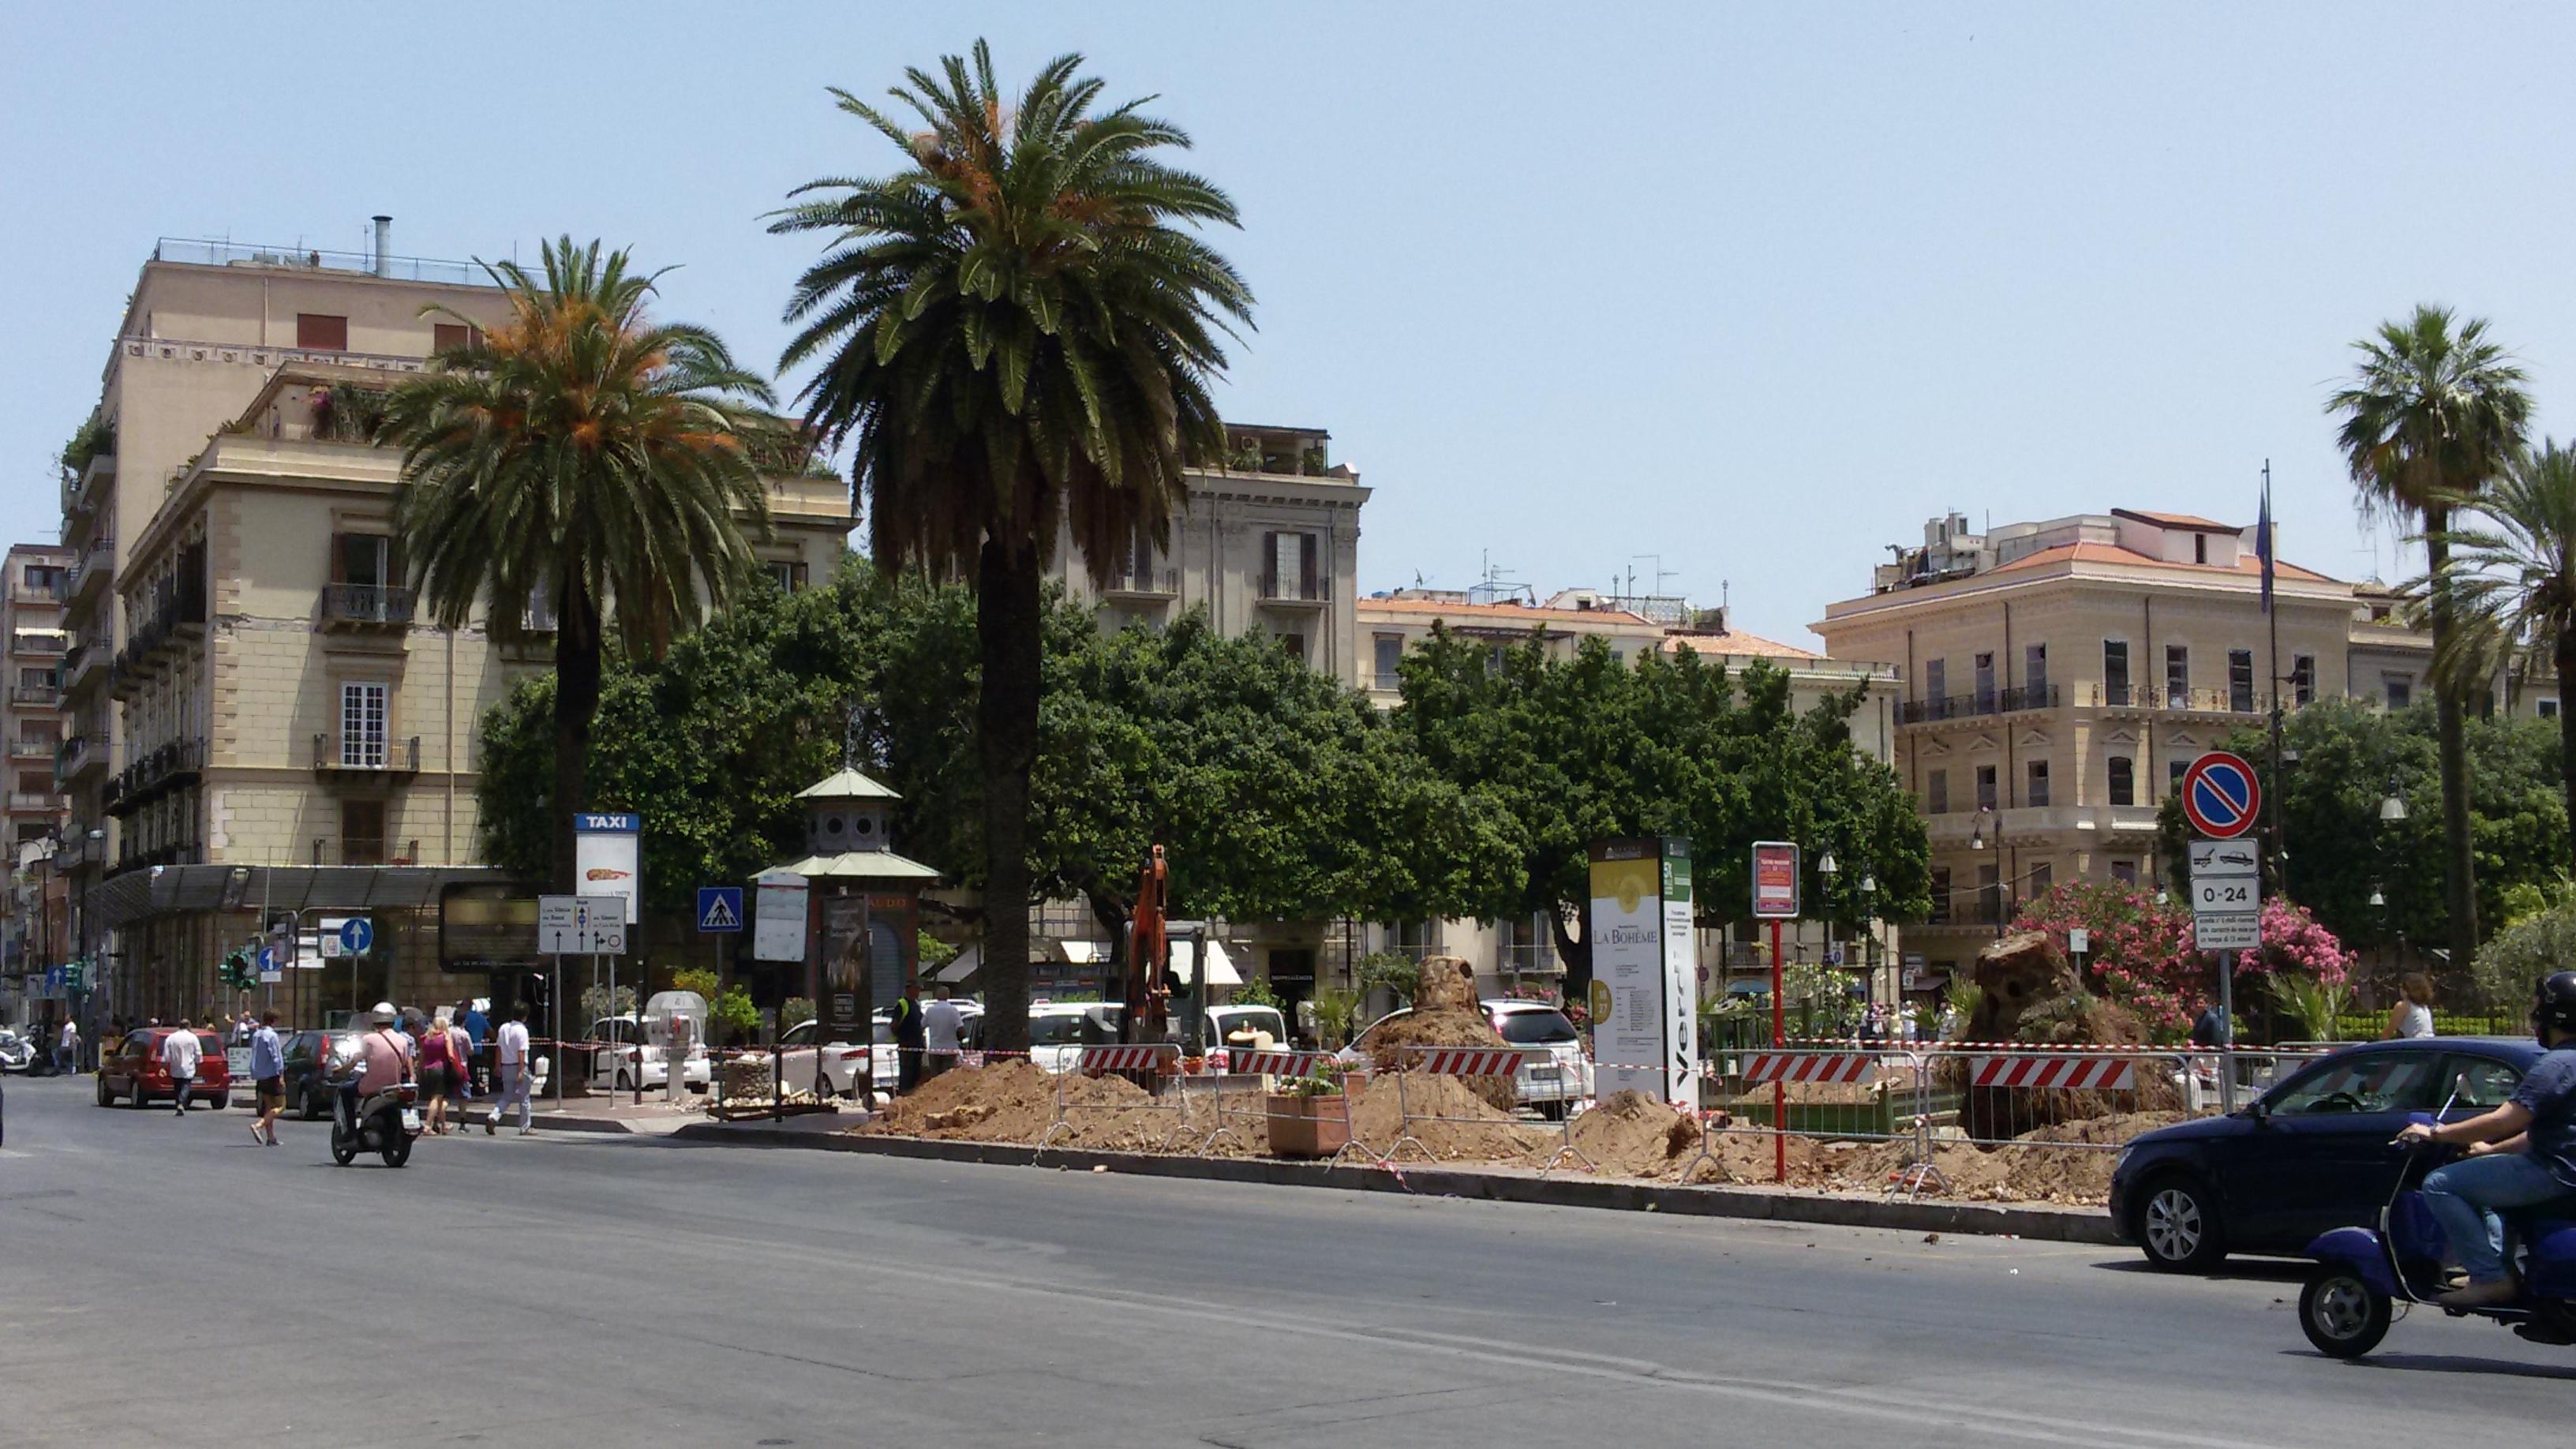 Palermo, piantate nuove palme in piazza Verdi